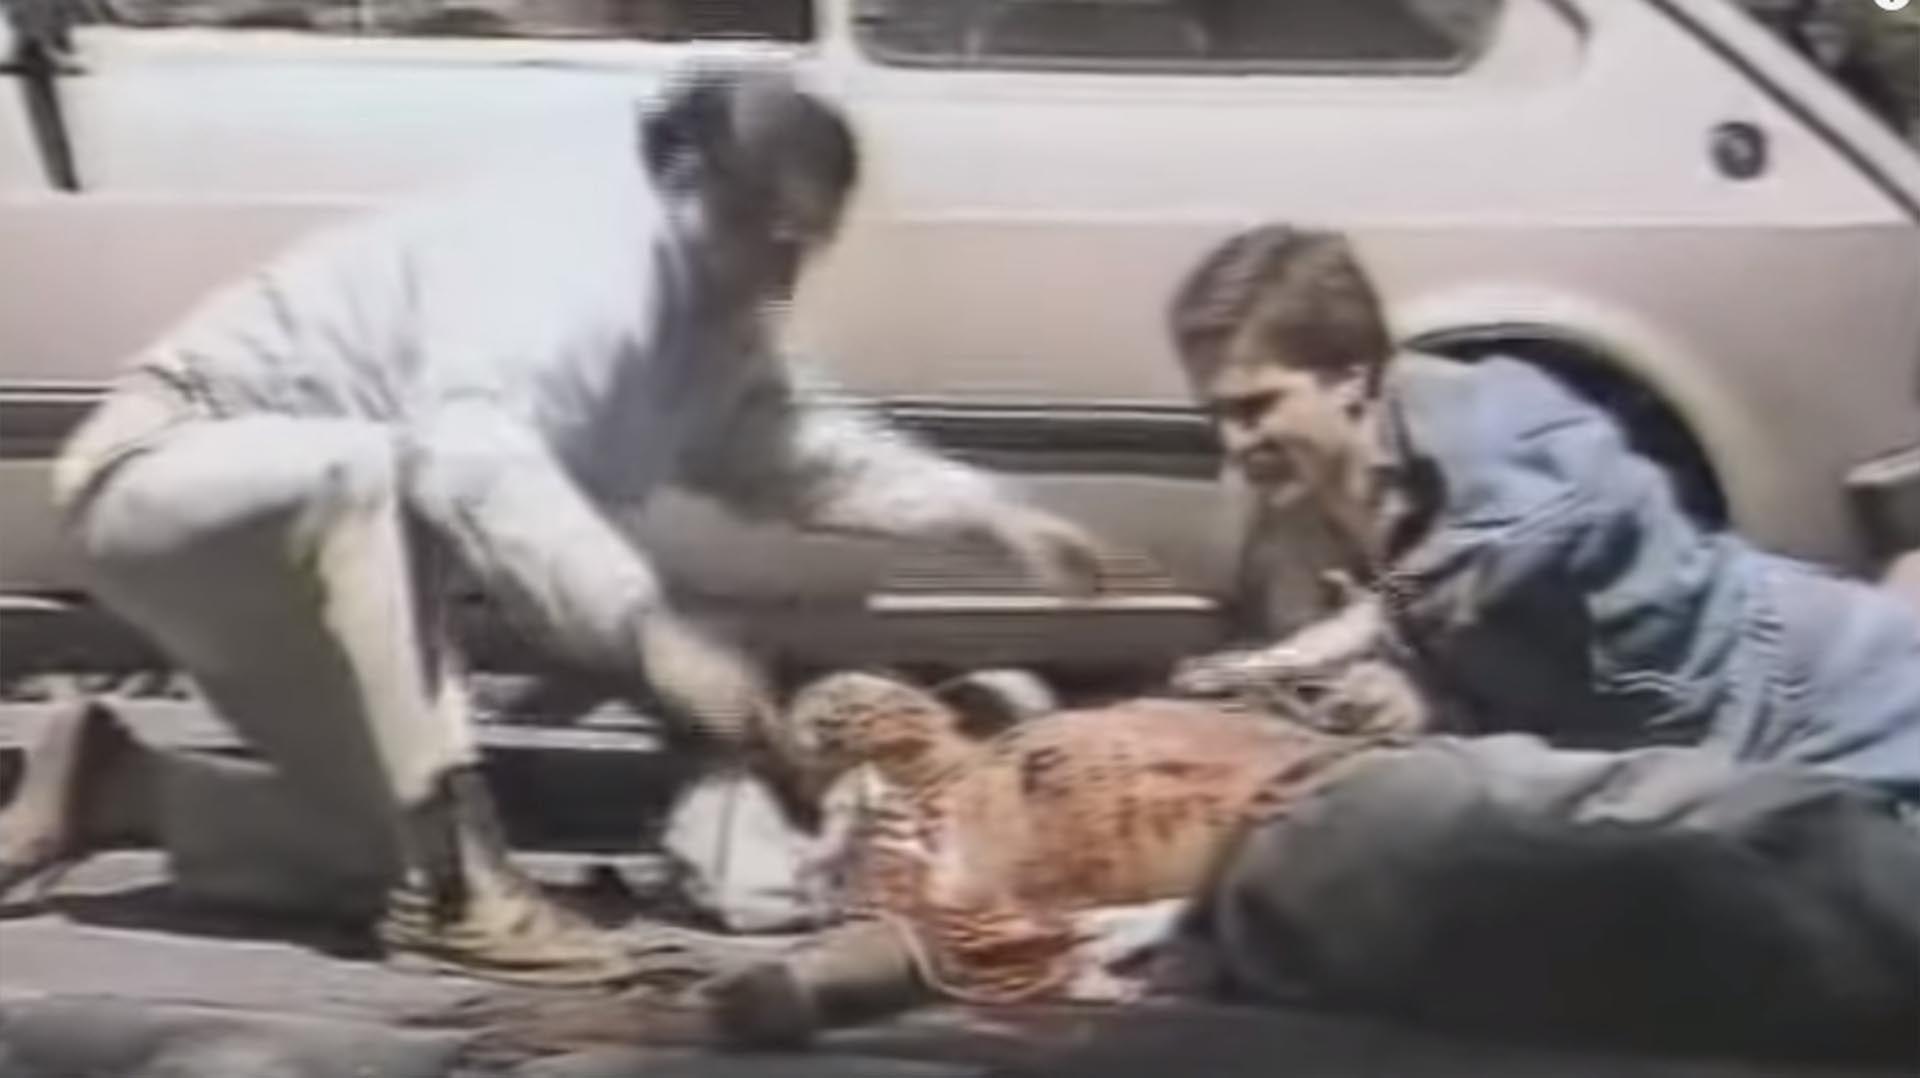 Fernando Carnota. Herido de bala el 3 de diciembre 1990 en el último levantamiento carapintada. Fue operado al día siguiente, estuvo en coma 24 horas y en terapia intensiva durante una semana.